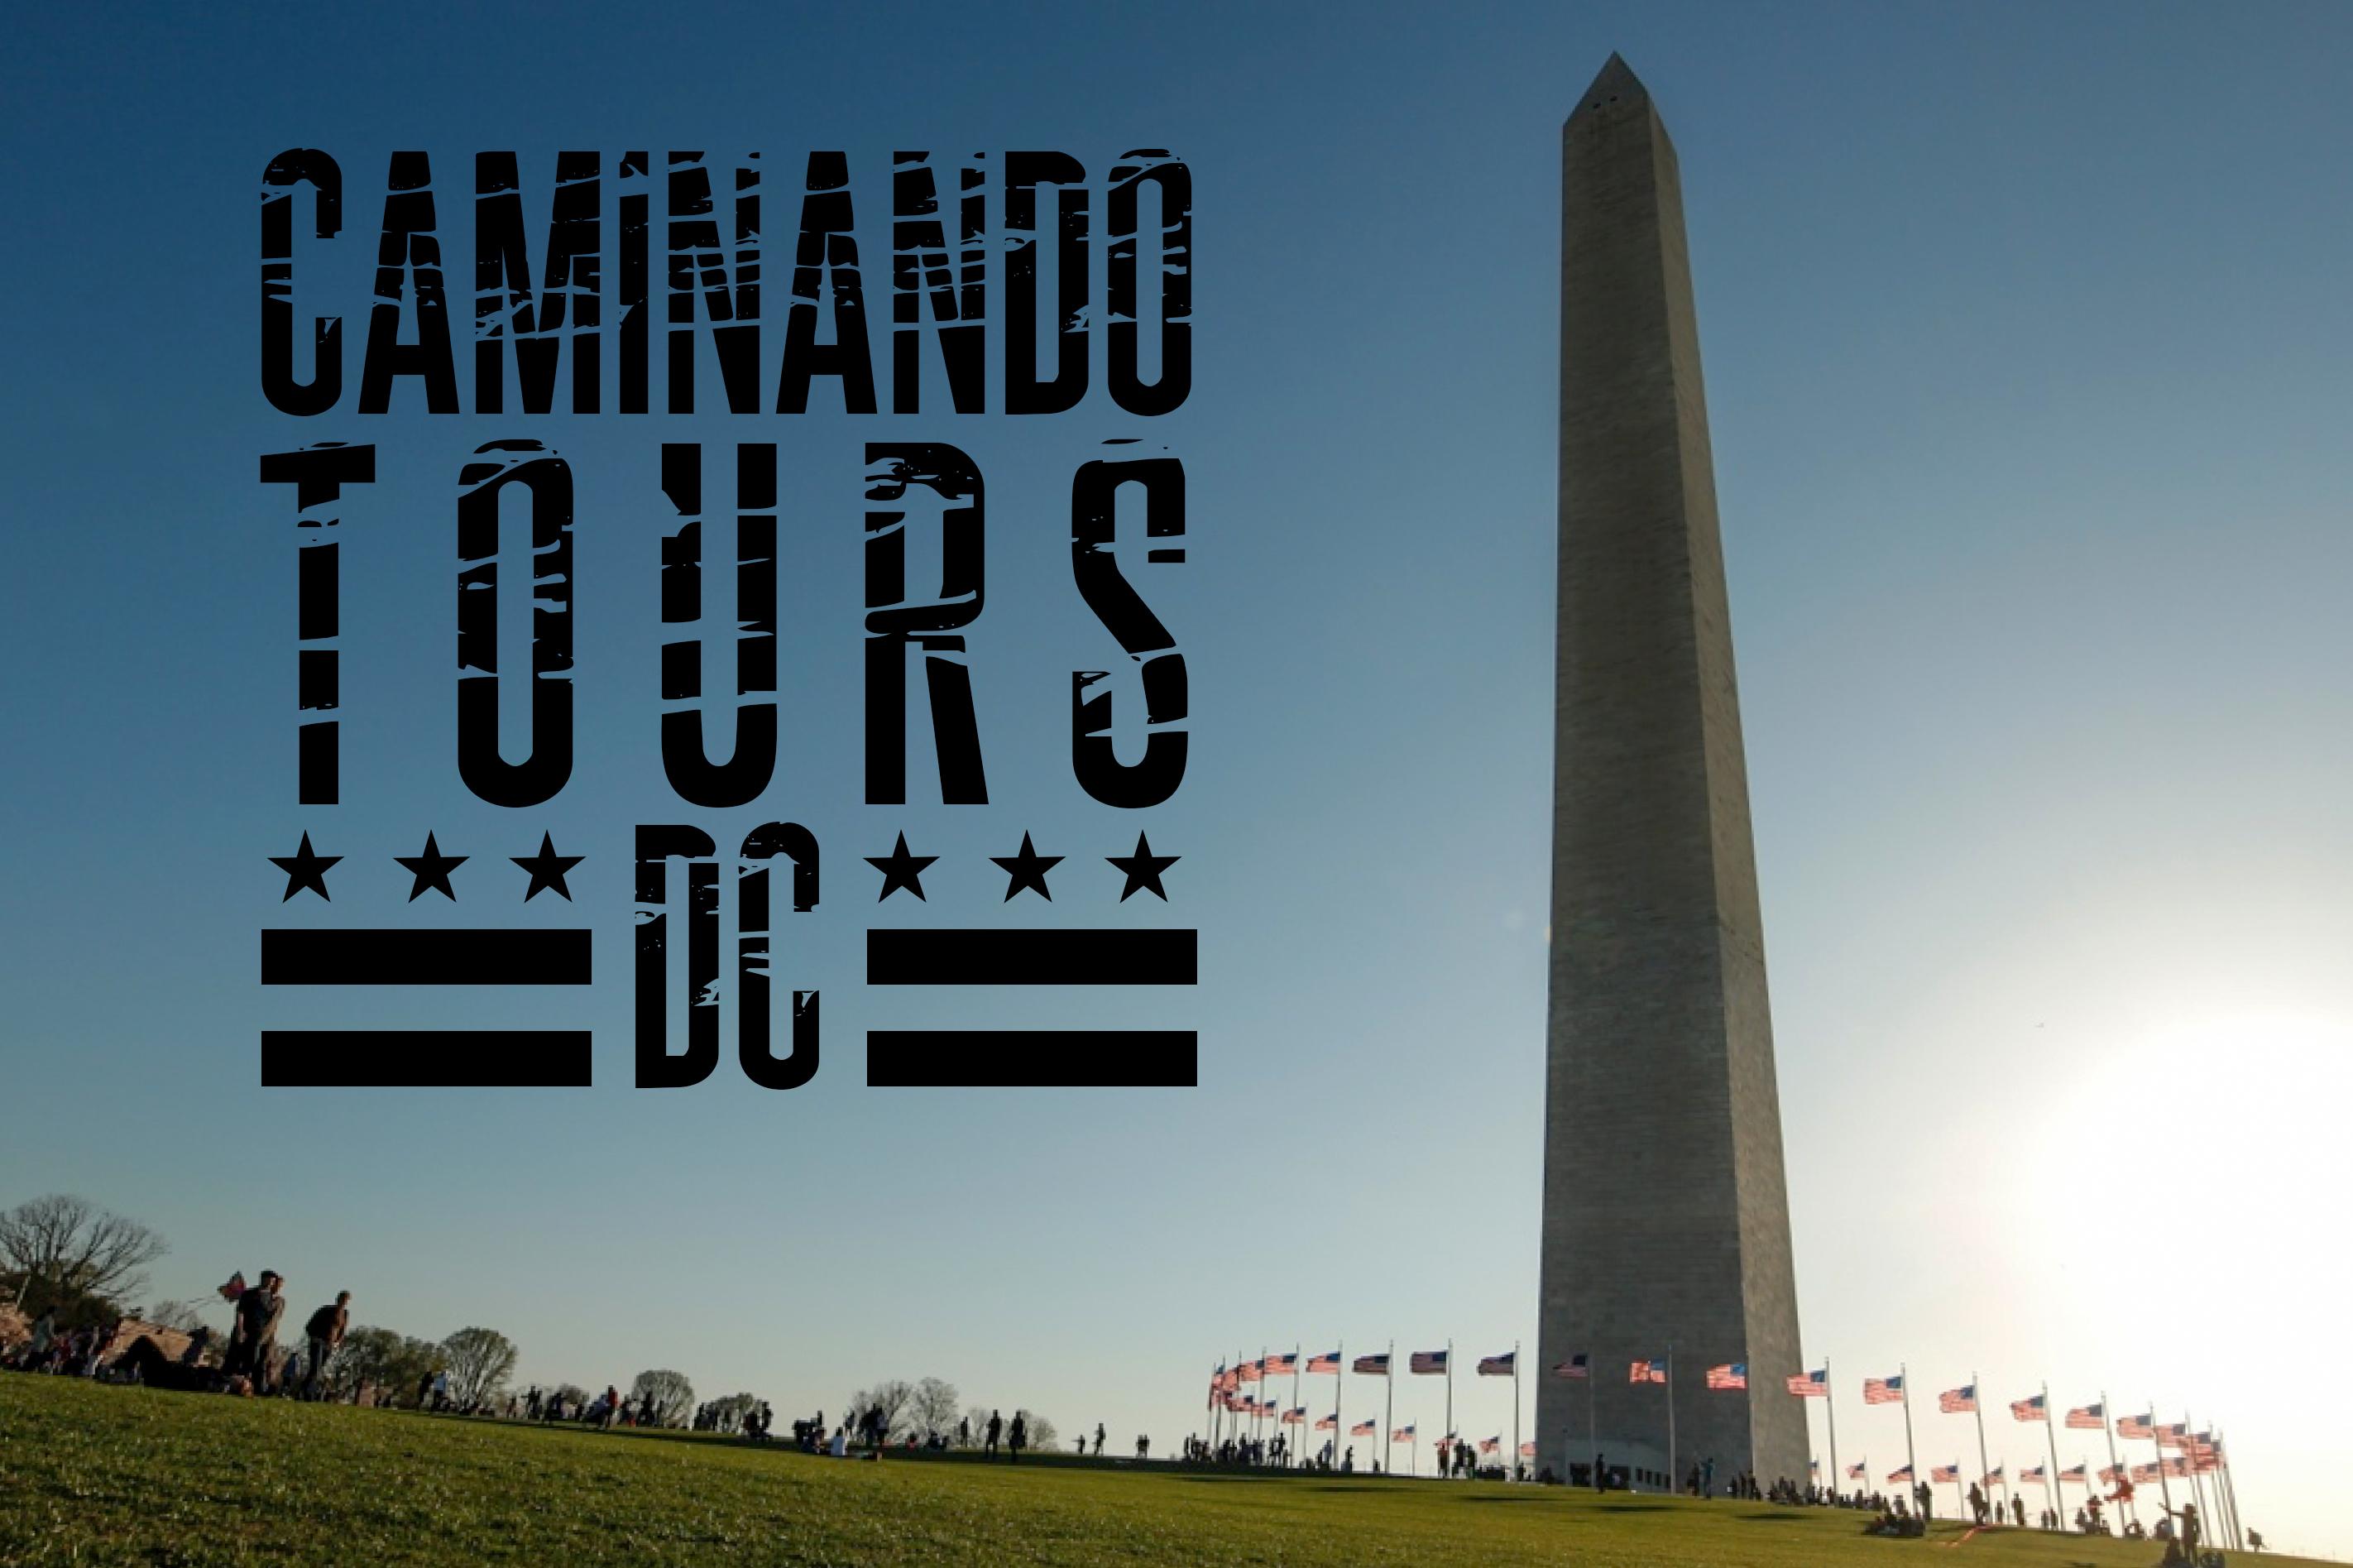 Caminando_Tours_DC_tours_espanol_italiano_english_francais_2